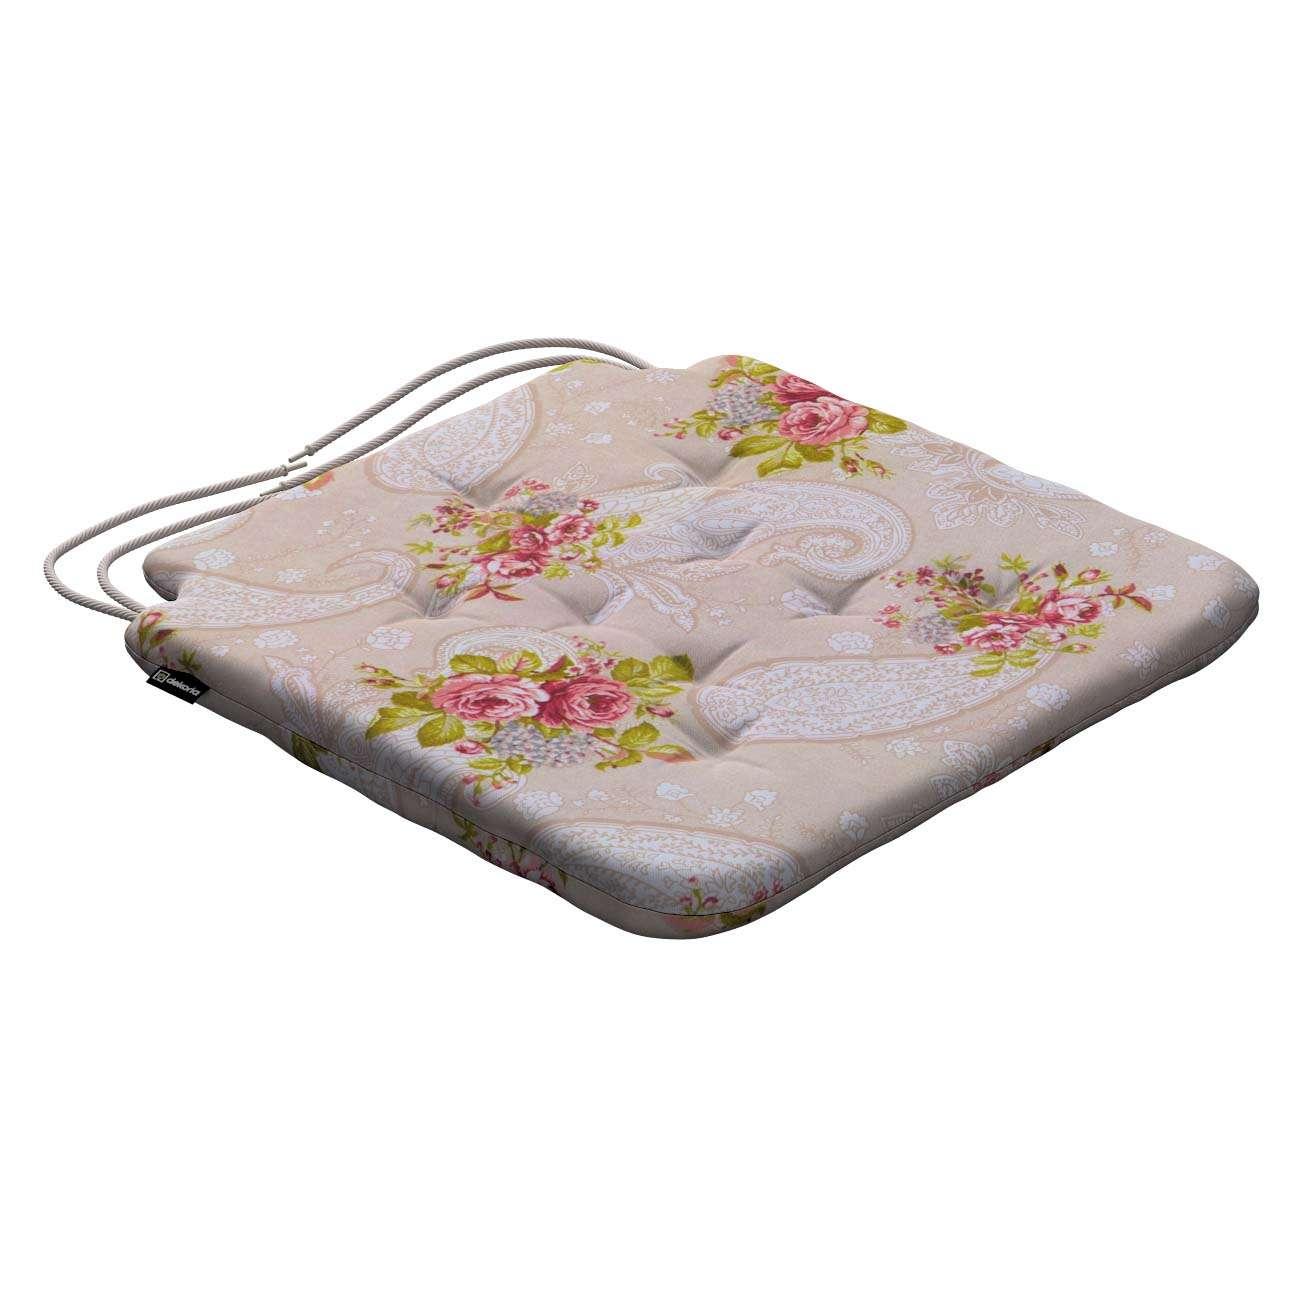 Siedzisko Olek na krzesło 42x41x3,5cm w kolekcji Flowers, tkanina: 311-15